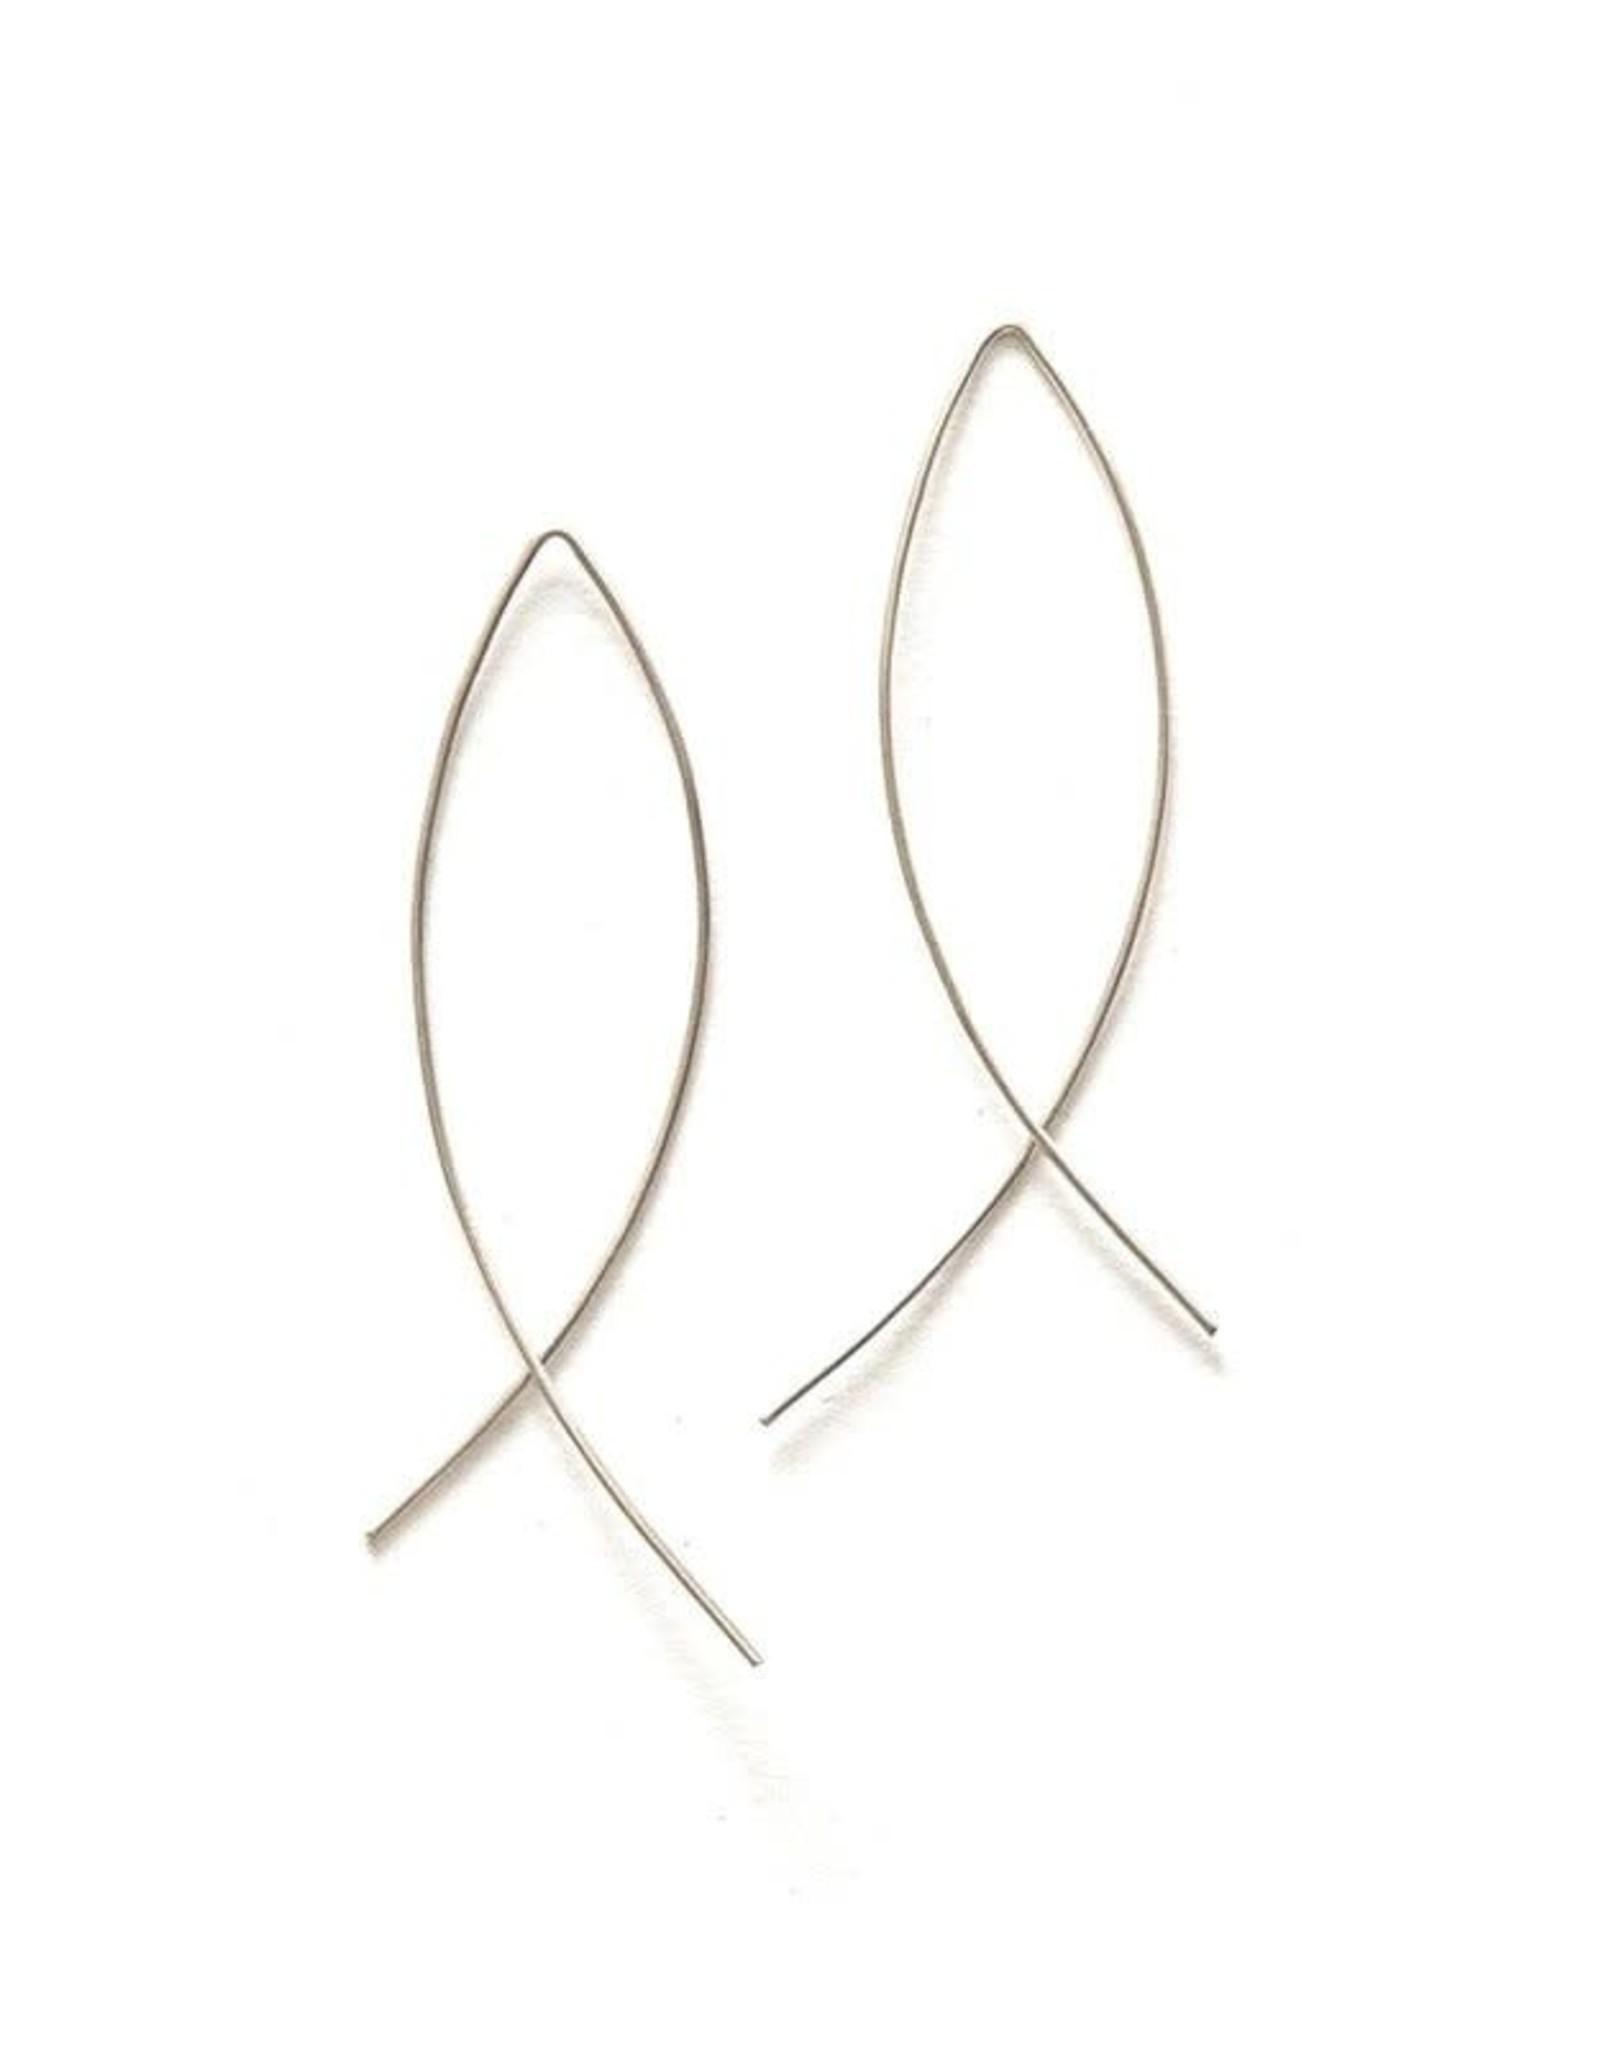 Cambered Sterling Hoop Earrings, India